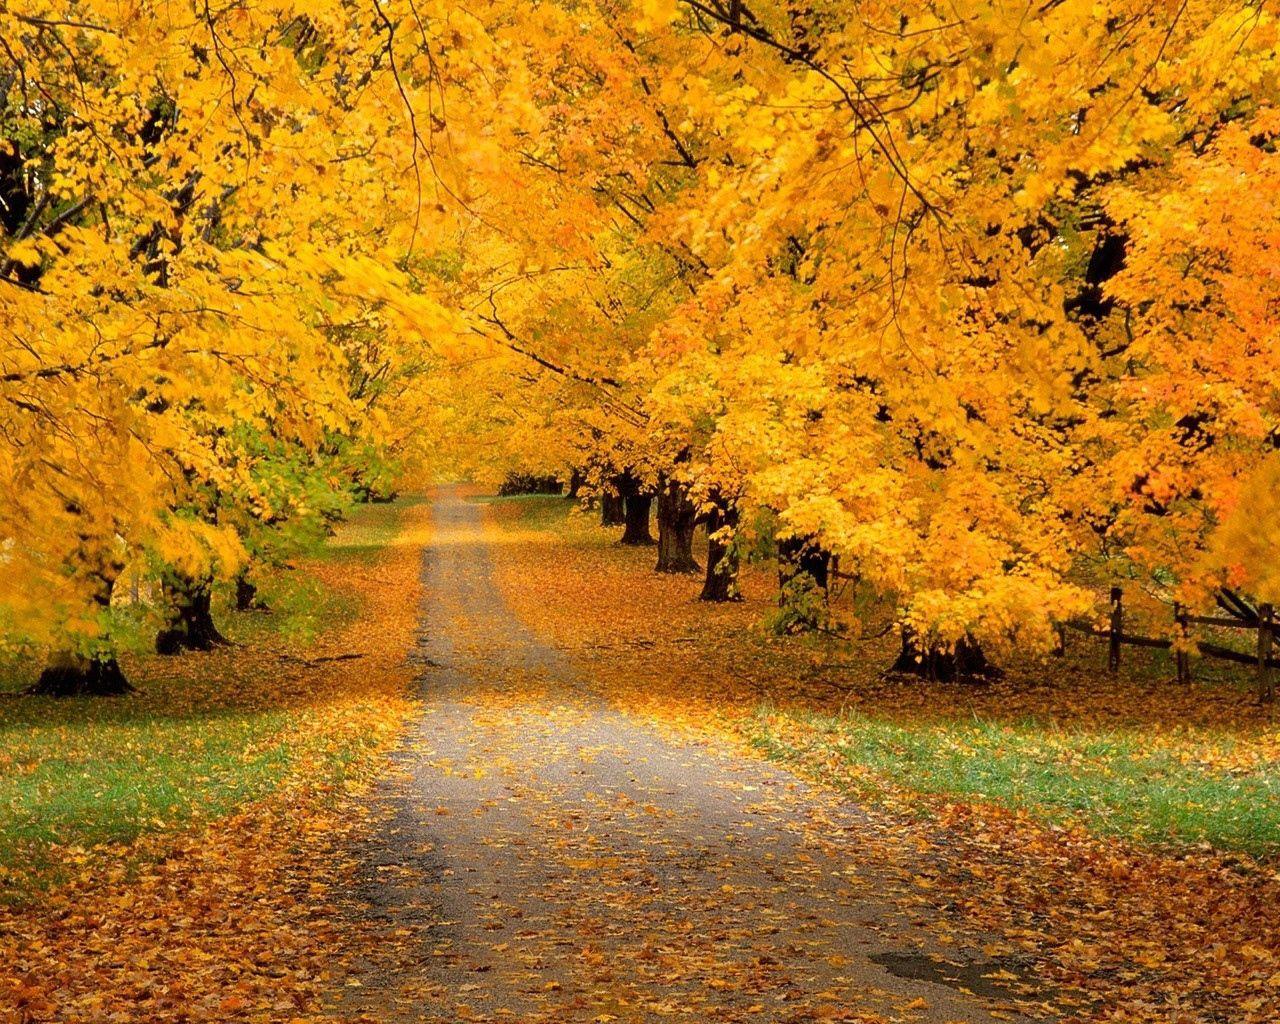 63910 скачать Желтые обои на телефон бесплатно, Осень, Природа, Деревья, Листья, Парк, Тропа Желтые картинки и заставки на мобильный